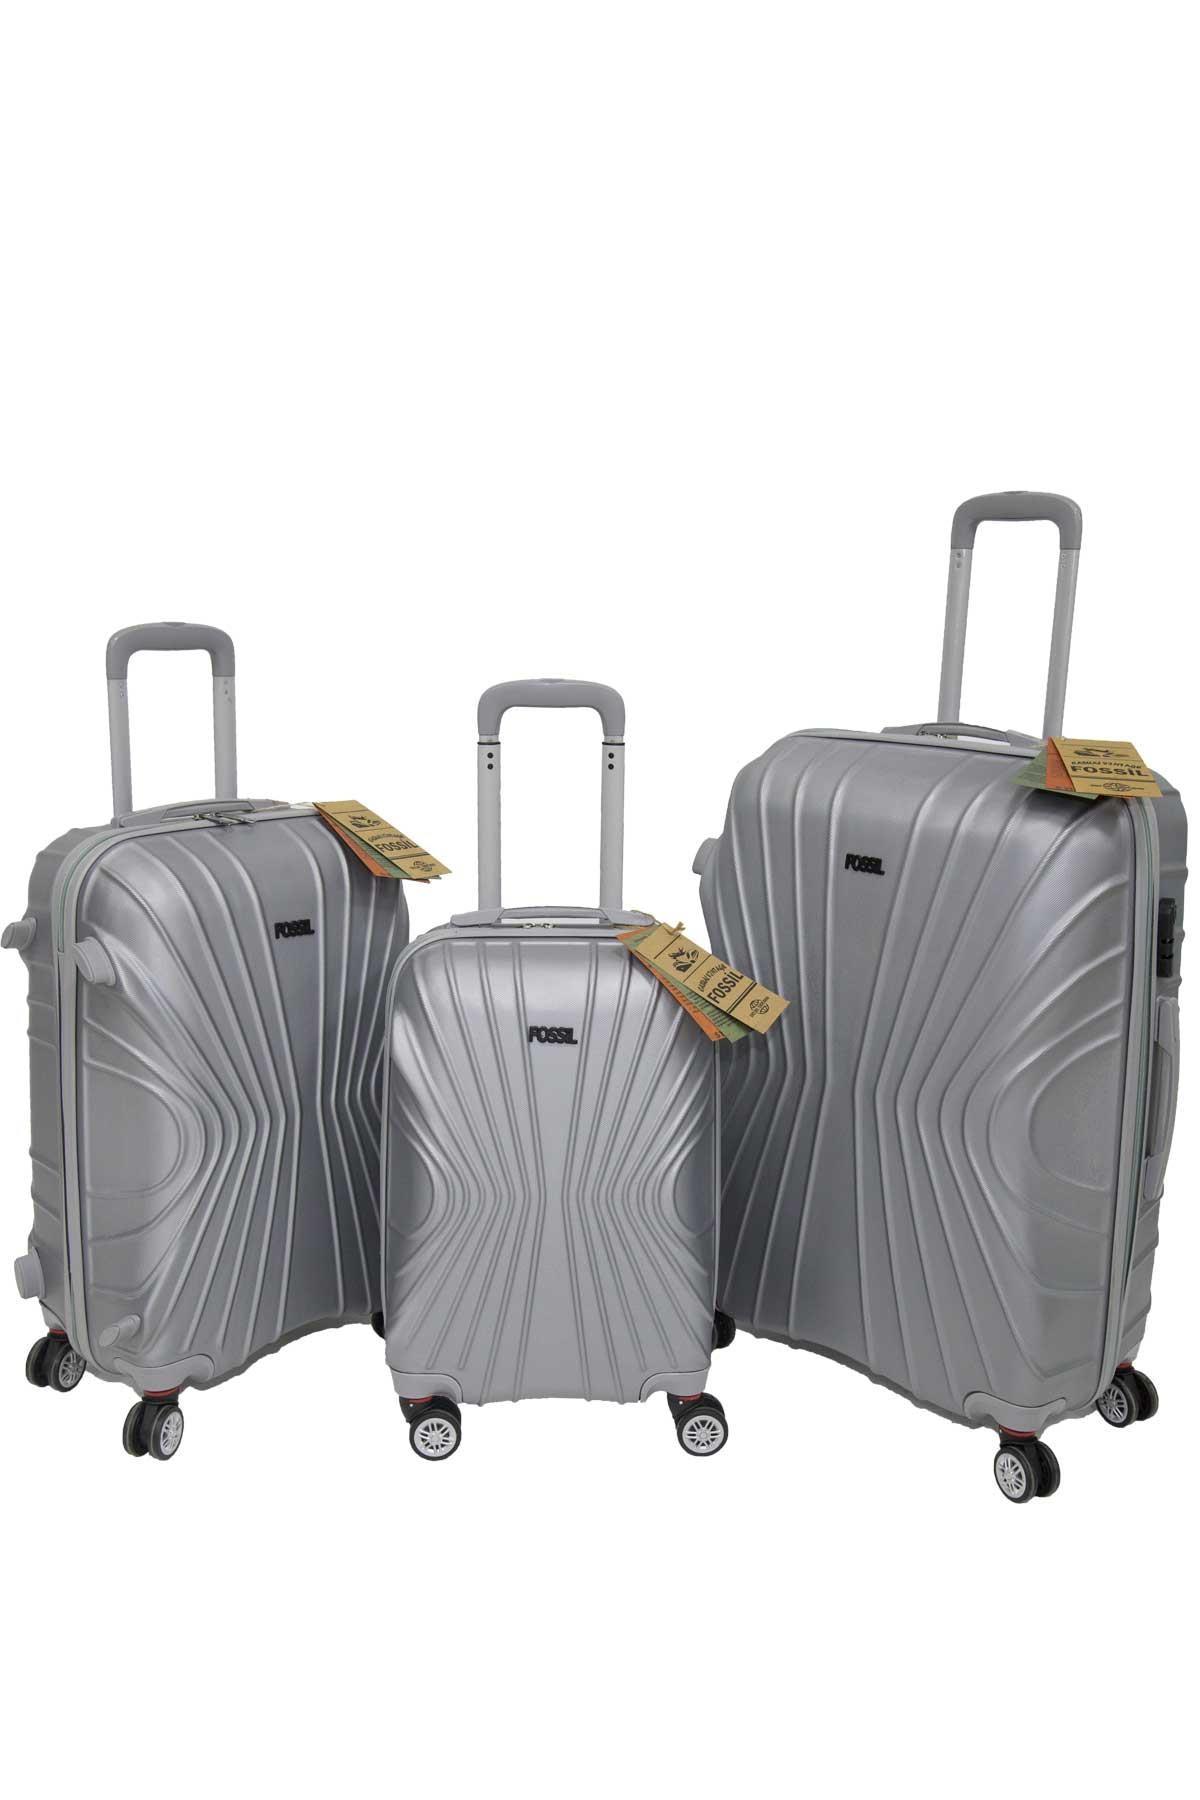 60706c476df52 Yükle (1200x1800)Noble Bavul Fiyatları Ve Modelleri Hepsiburada Bu Mudur?39  ürün.